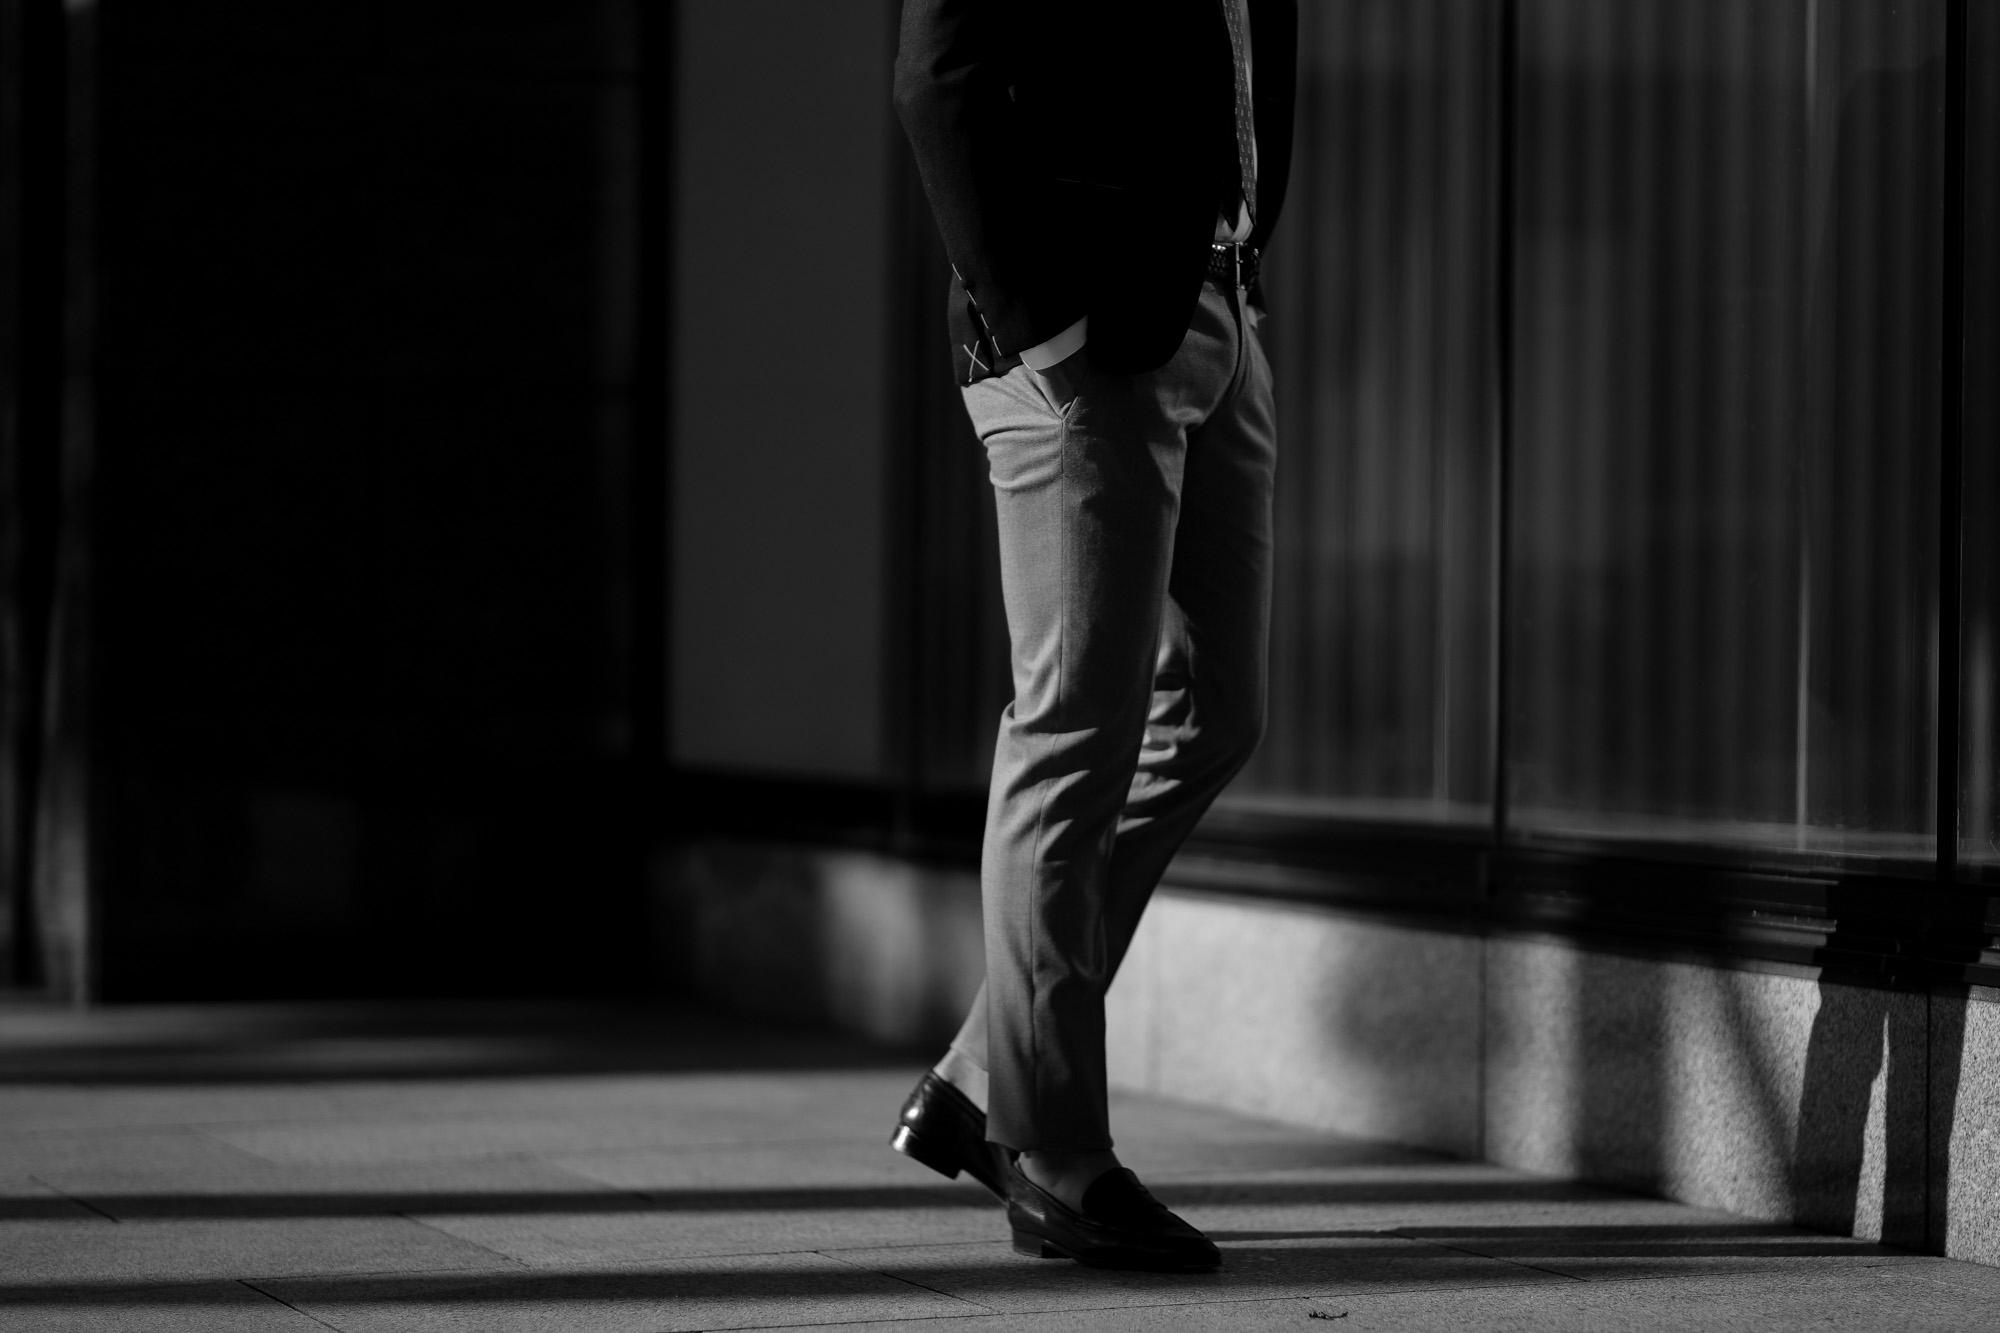 PT TORINO(ピーティートリノ) TRAVELLER (トラベラー) SUPER SLIM FIT (スーパースリムフィット) WASHABLE TECHNO WOOL ストレッチ テクノ ウォッシャブル サージ ウール スラックス BLACK (ブラック・0990) 2020 秋冬 【ご予約受付中】愛知 名古屋 altoediritto アルトエデリット